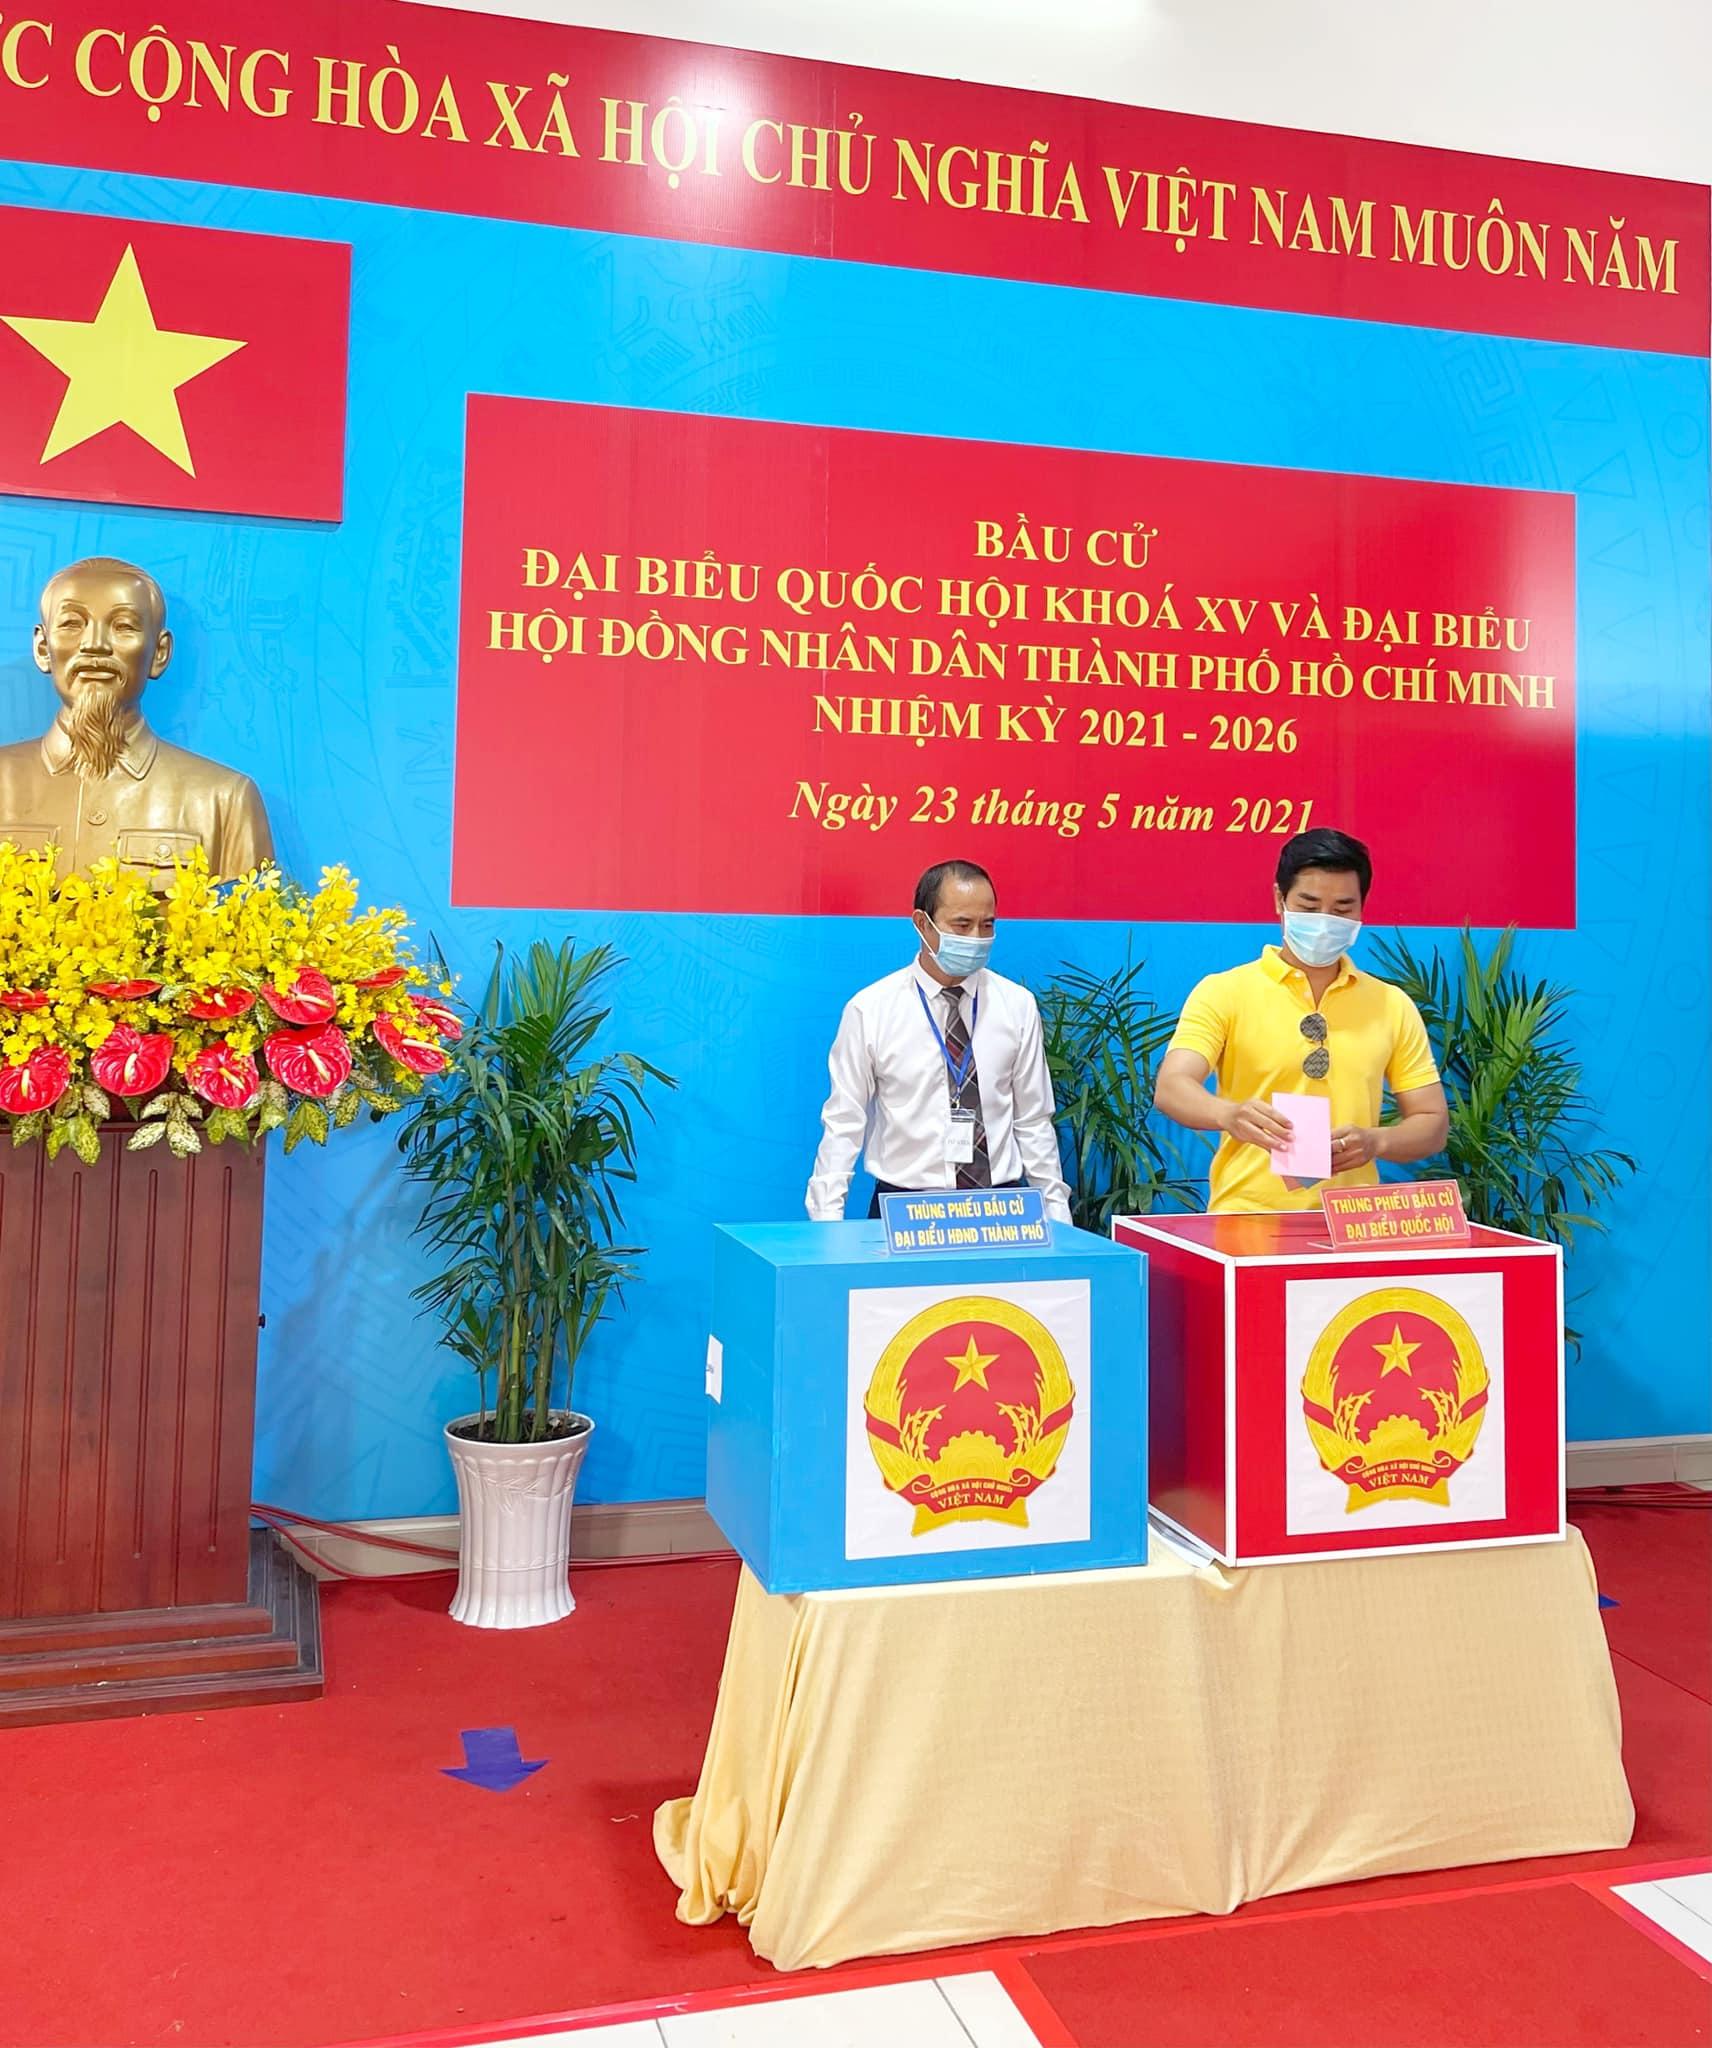 MC Nguyên Khang đi bầu cử sáng nay.